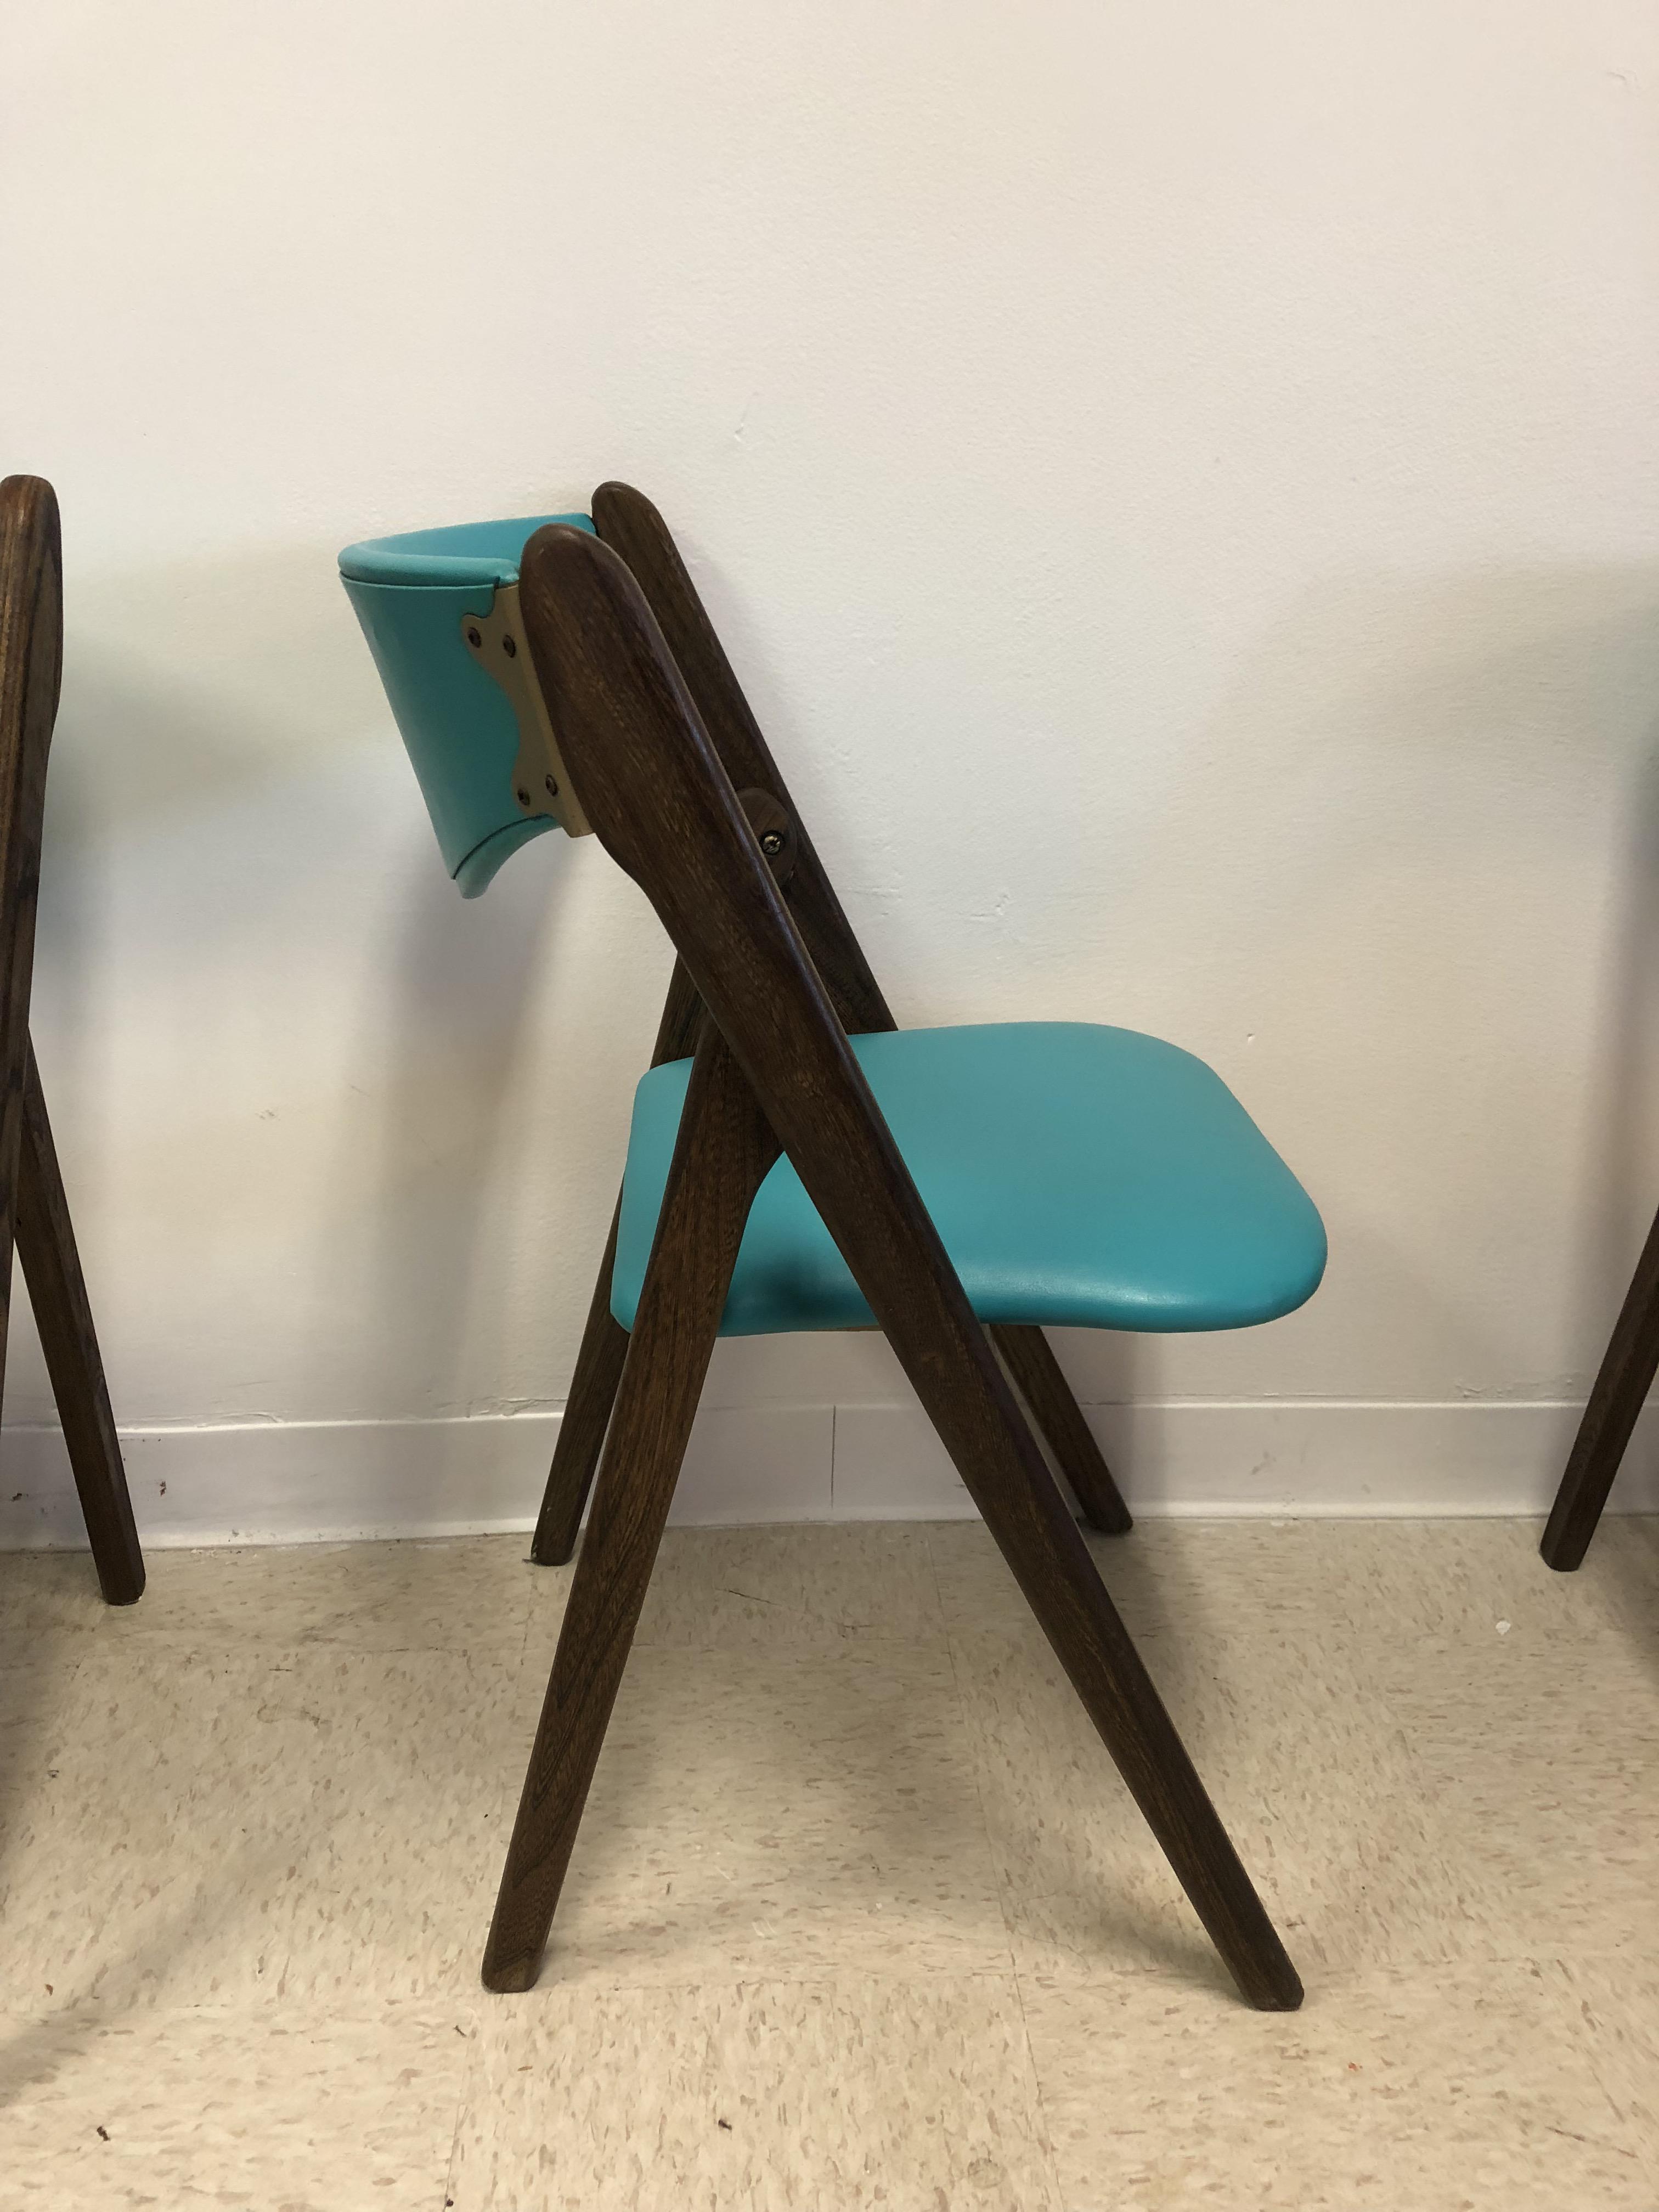 Wilkie Teal Vinyl U0026 Wood Folding Chairs   Set Of 4   Image 5 ...